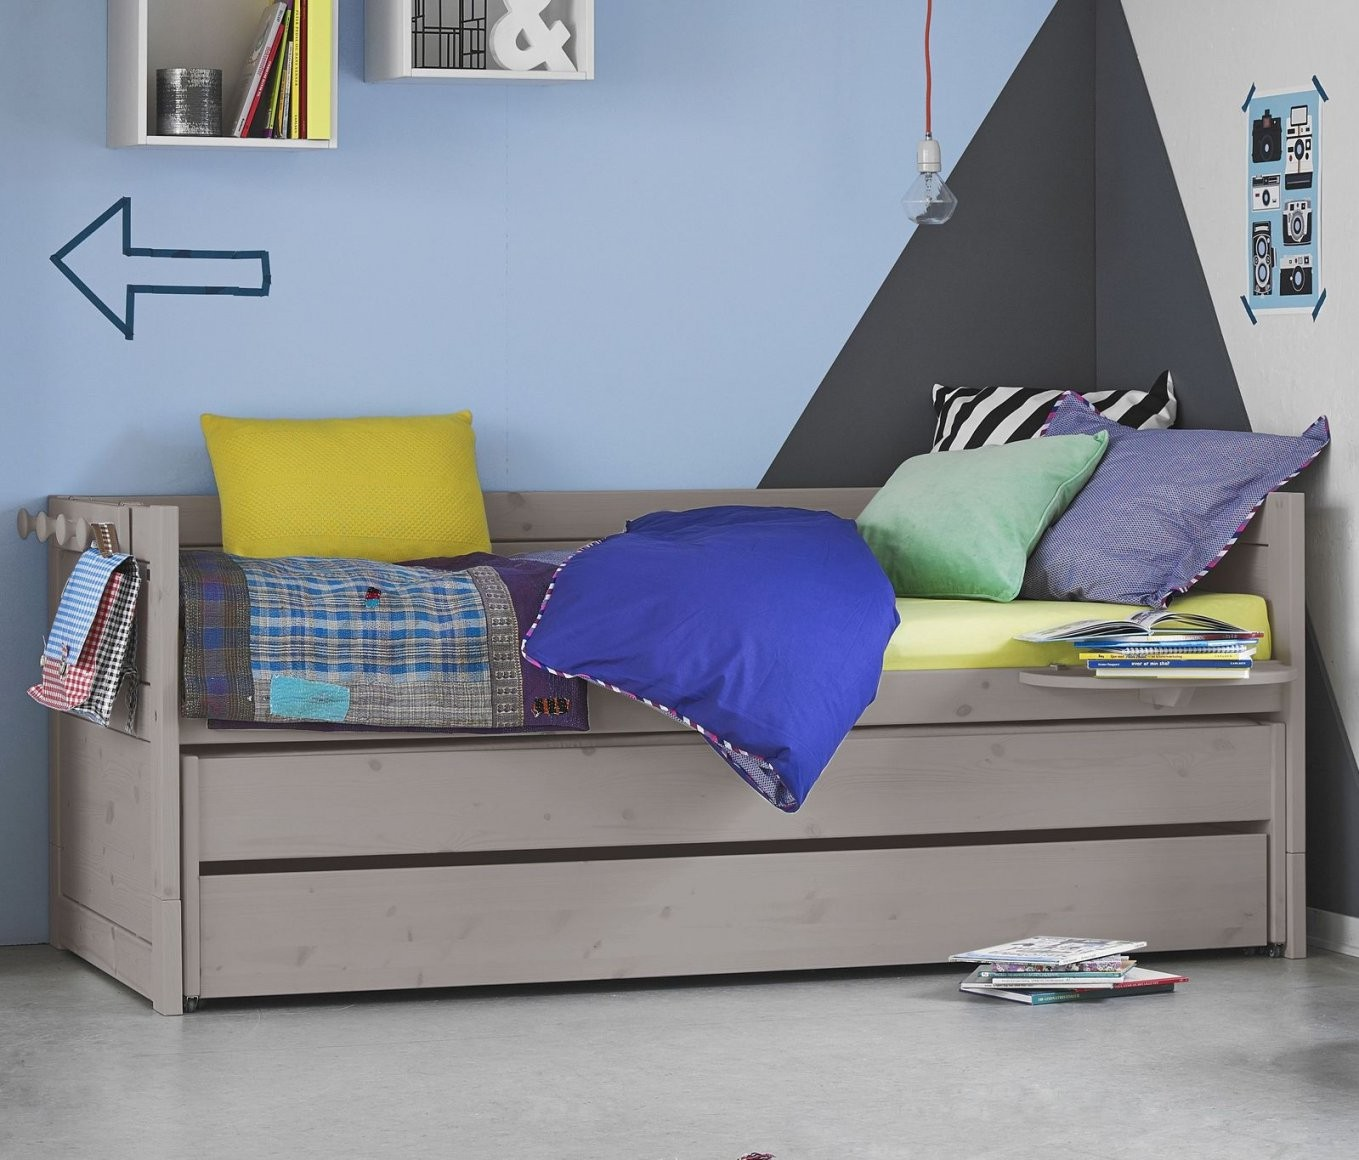 Lifetime Kojenausziehbett 2 Liegeflächen + Schublade  Original von Bett Zum Ausziehen Mit Schubladen Photo